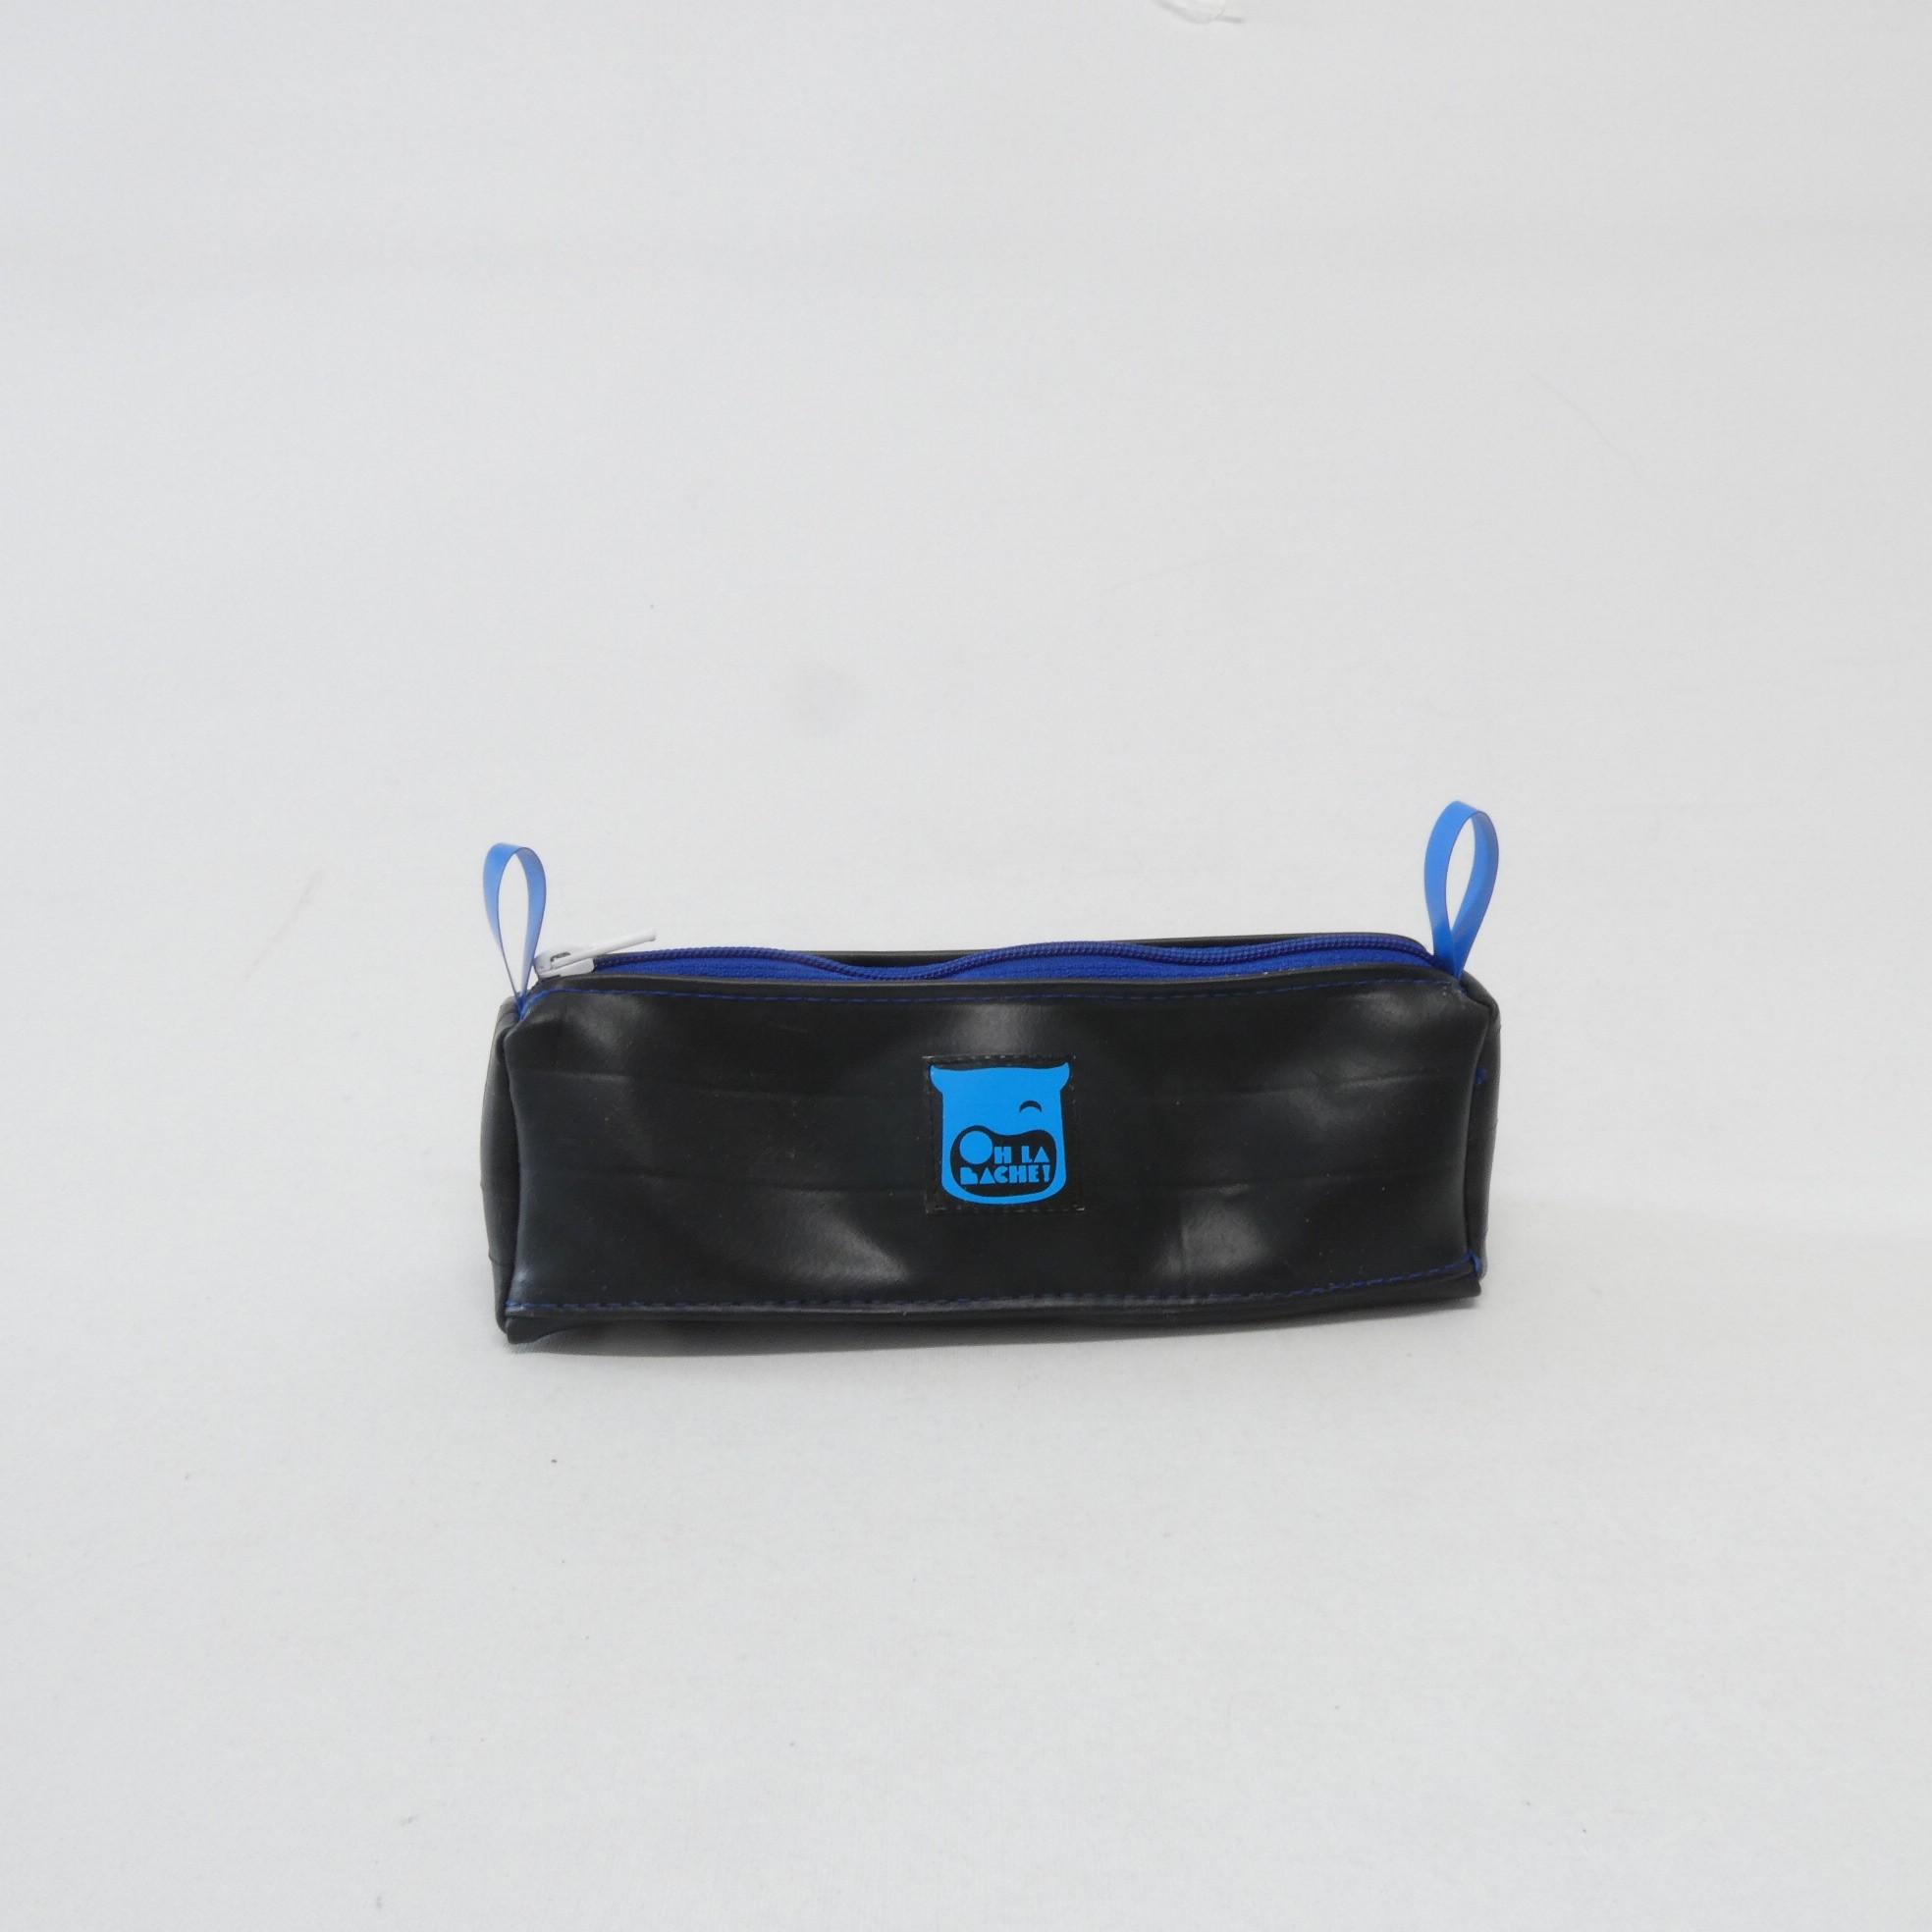 MARTHE Trousse en chambre à air zippée no:r:bleu